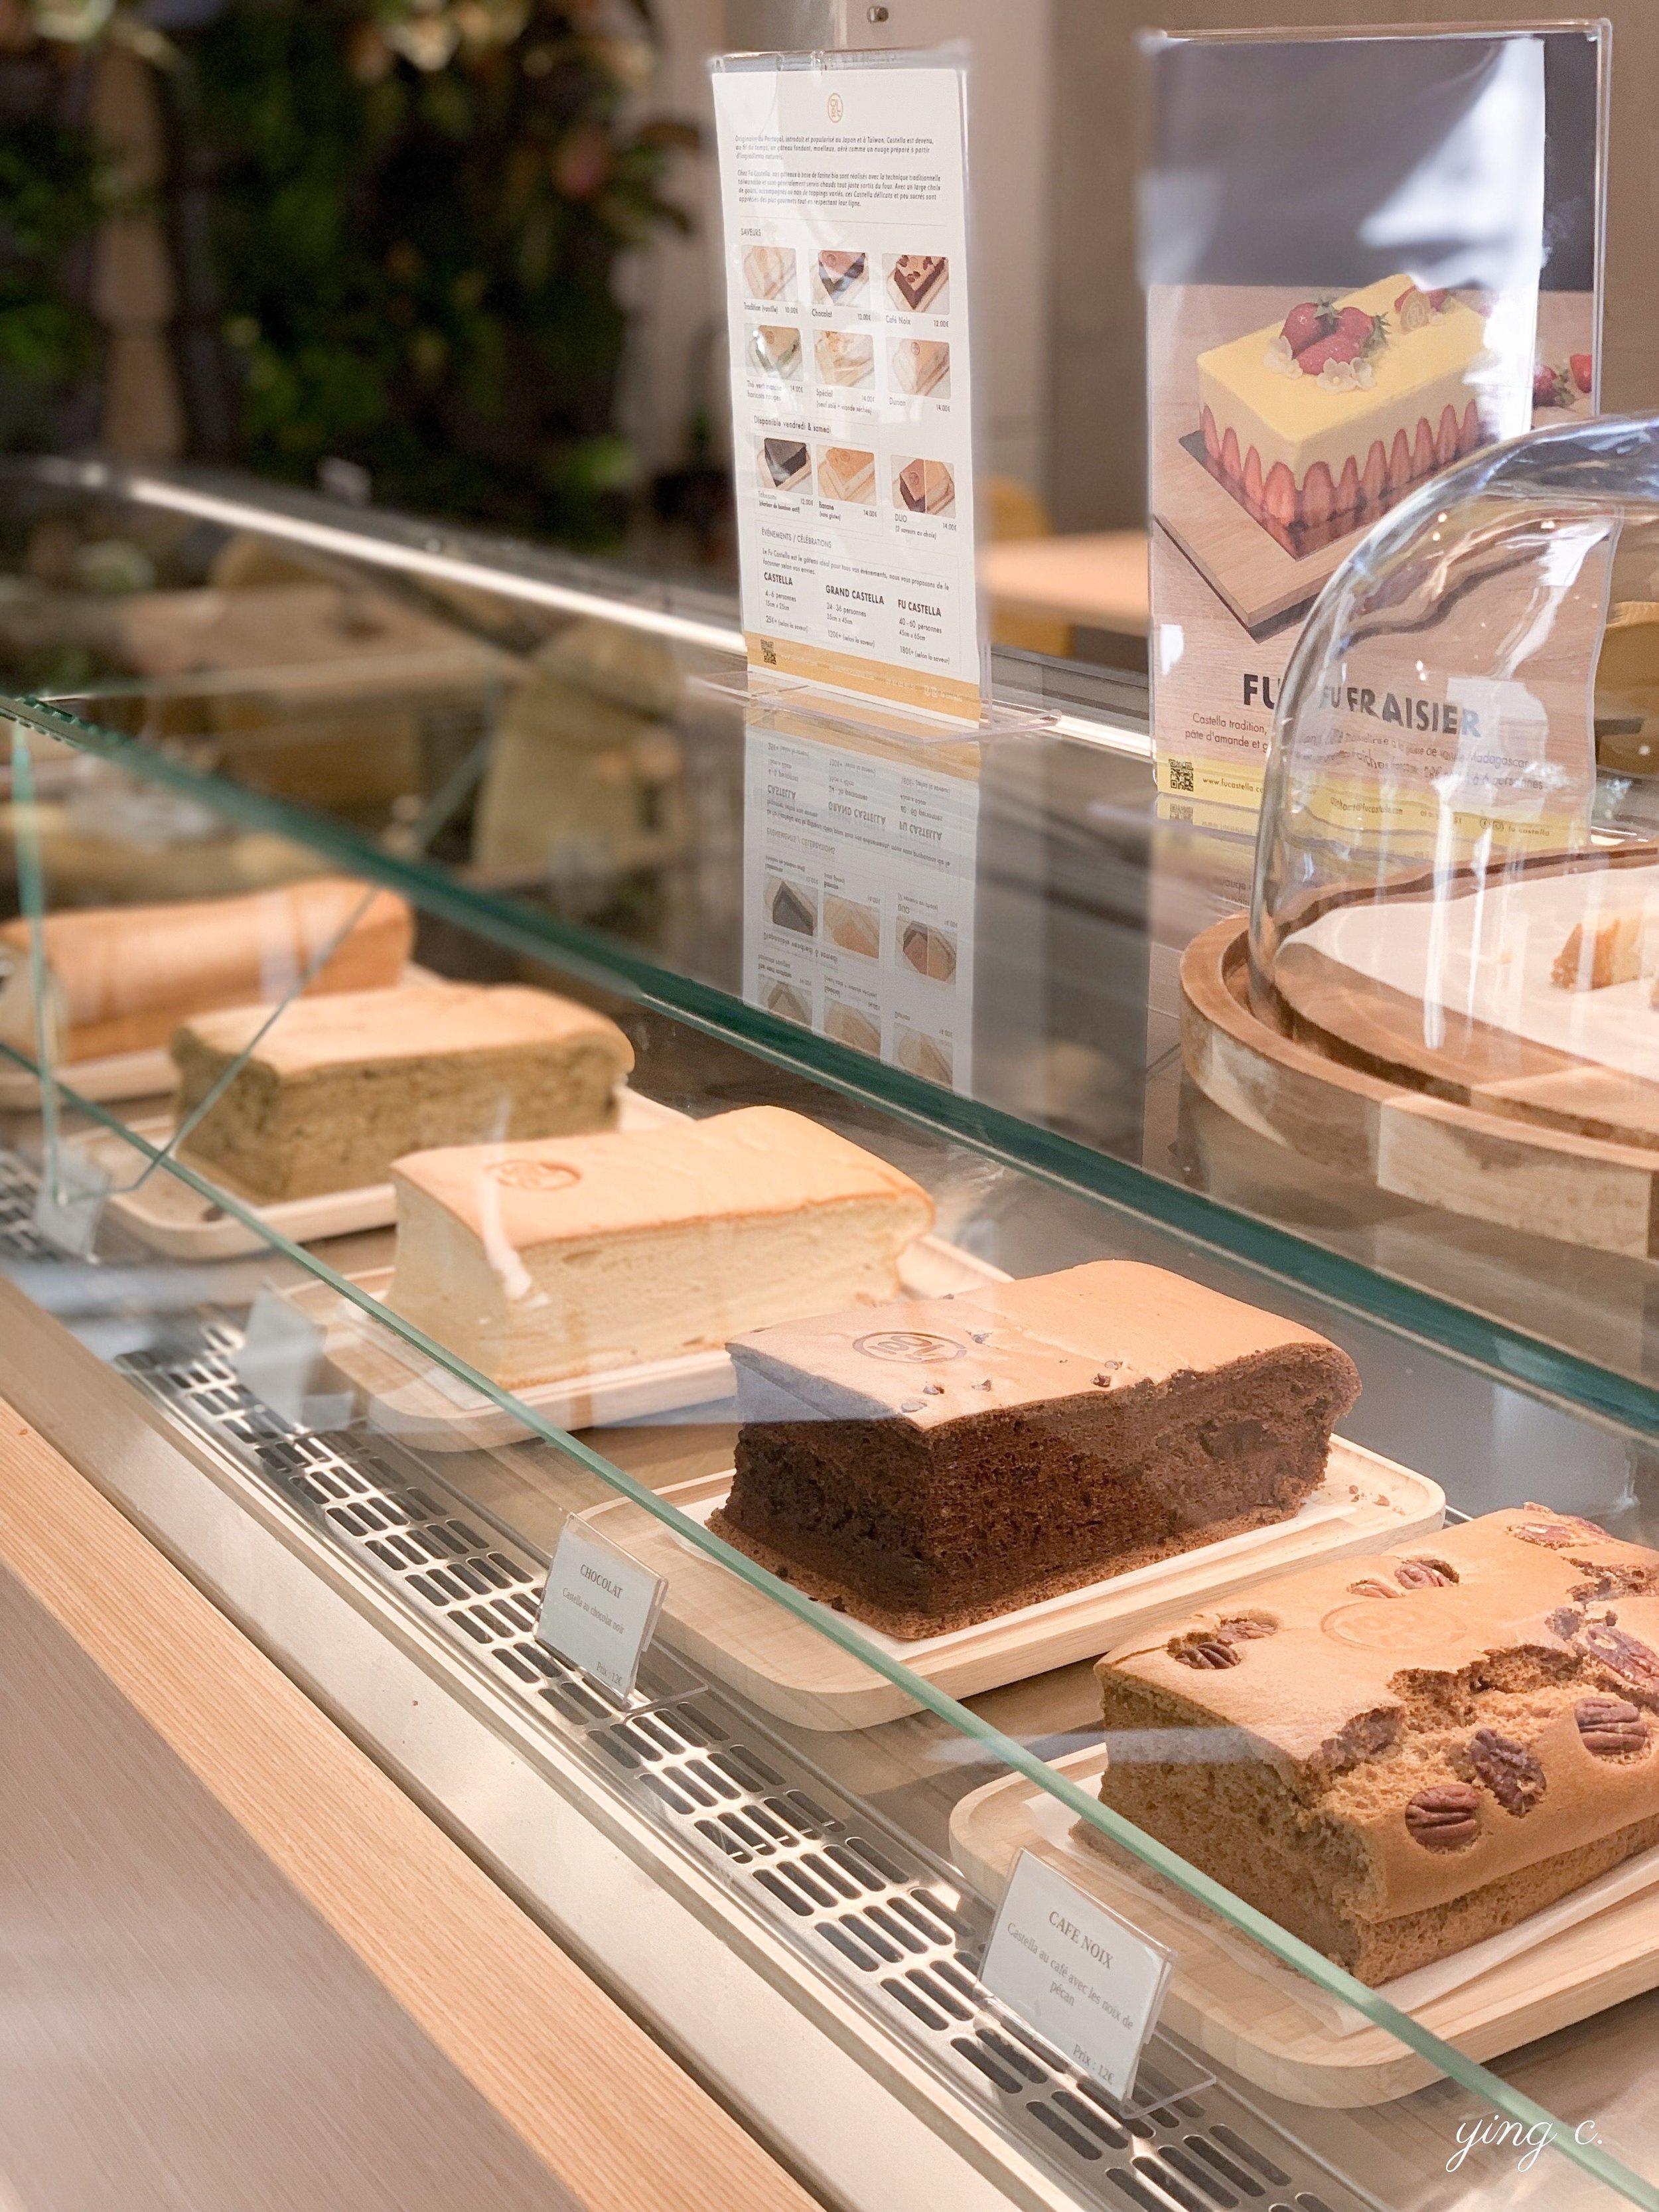 巴黎 Fu Castella 海綿蛋糕專賣店的甜點櫃,有注意到上方的海報嗎?這是用海綿蛋糕製作的法式草莓蛋糕( fraisier ),也算是亞洲與法國甜點融合的一個有趣例子了吧!